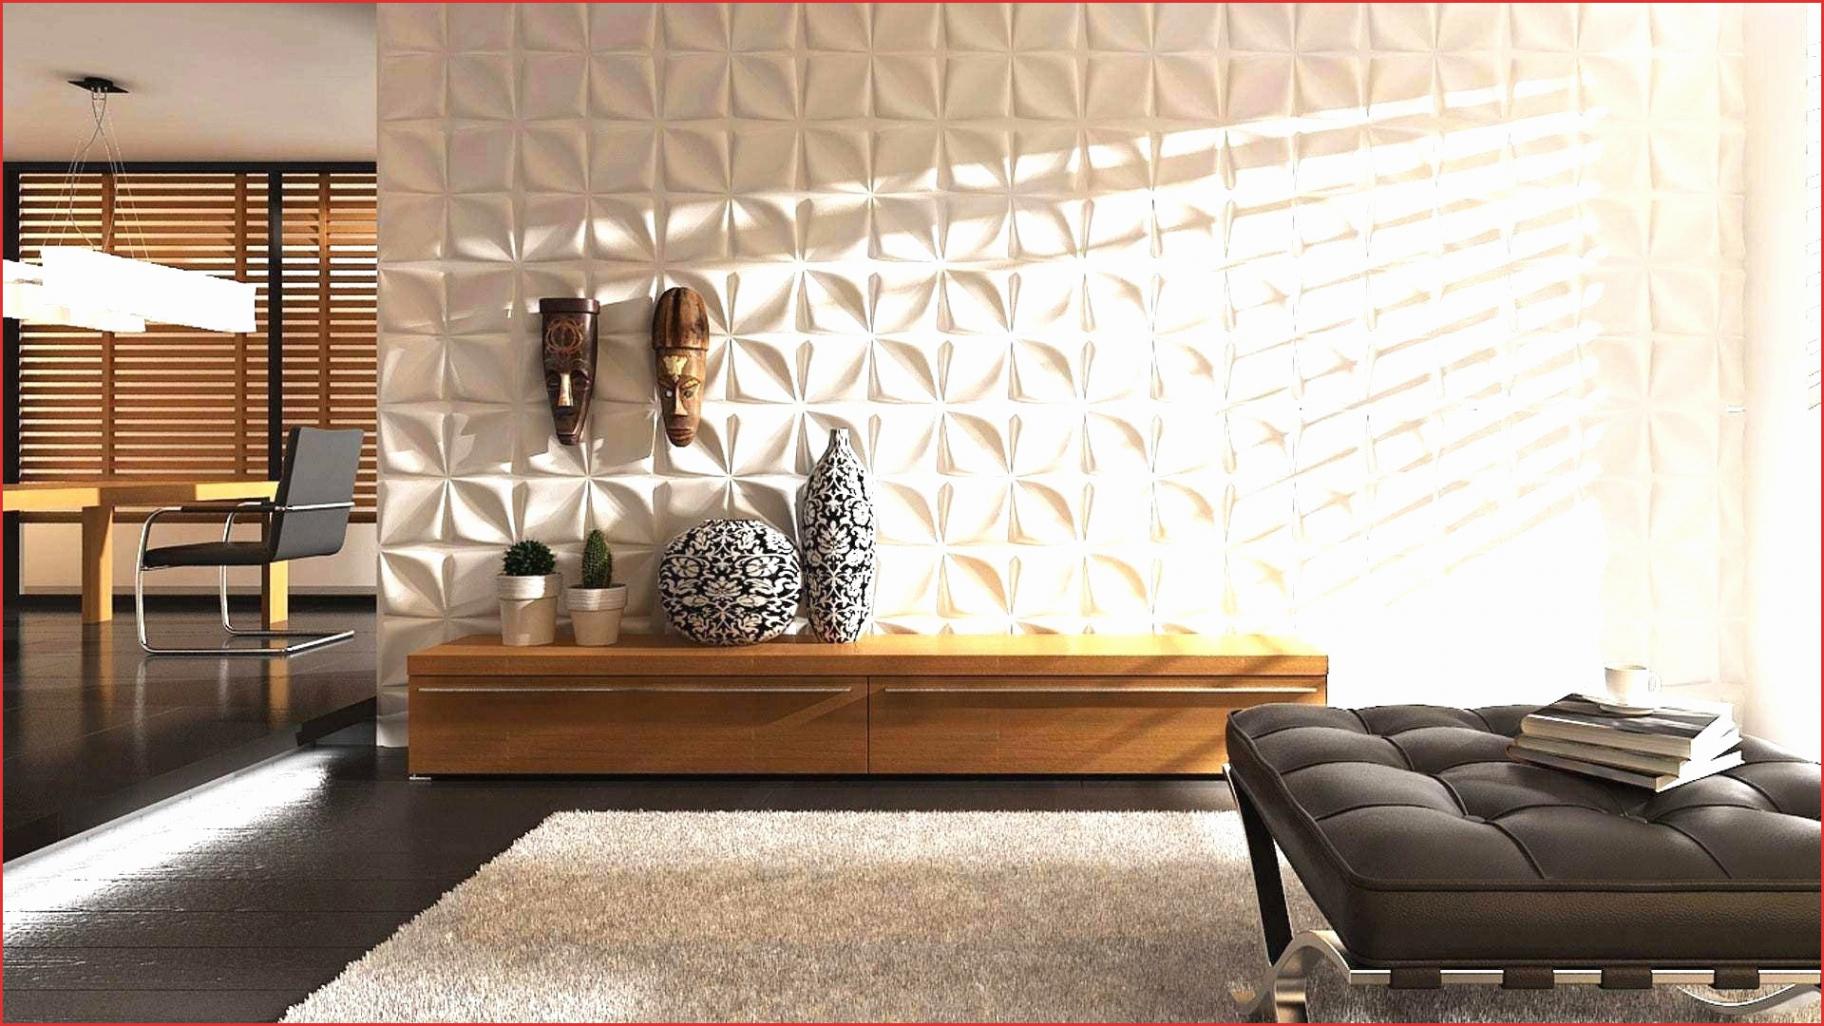 Full Size of Fototapete Wohnzimmer Frisch Moderne Tapeten Flur Tapeten Wohnzimmer   Tapeten Flur Ideen Wohnzimmer Fototapete Wohnzimmer